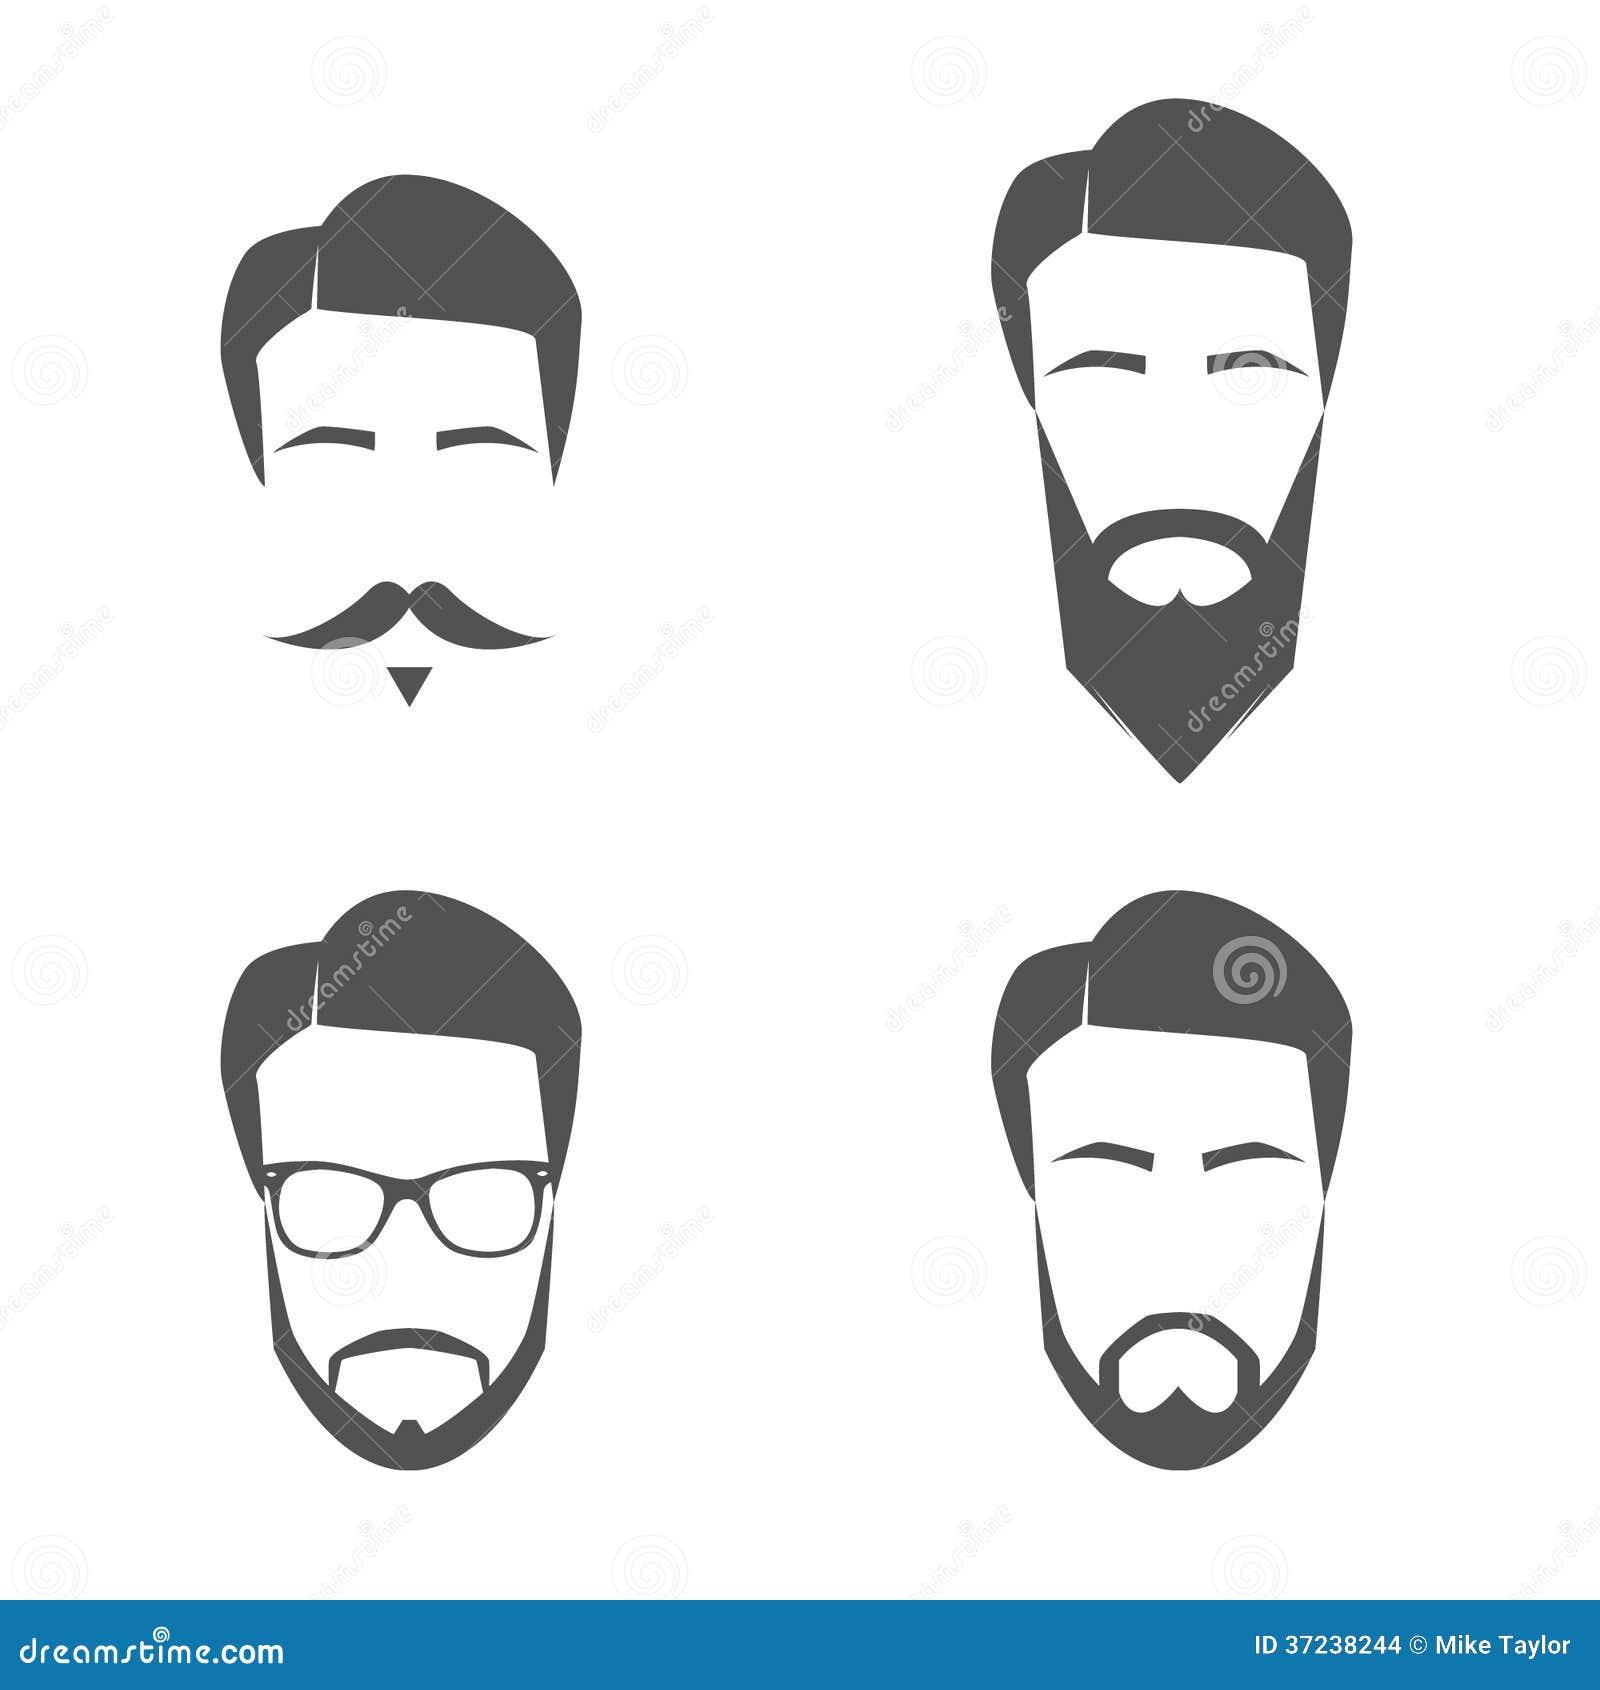 Mustache And Beard Face Logos